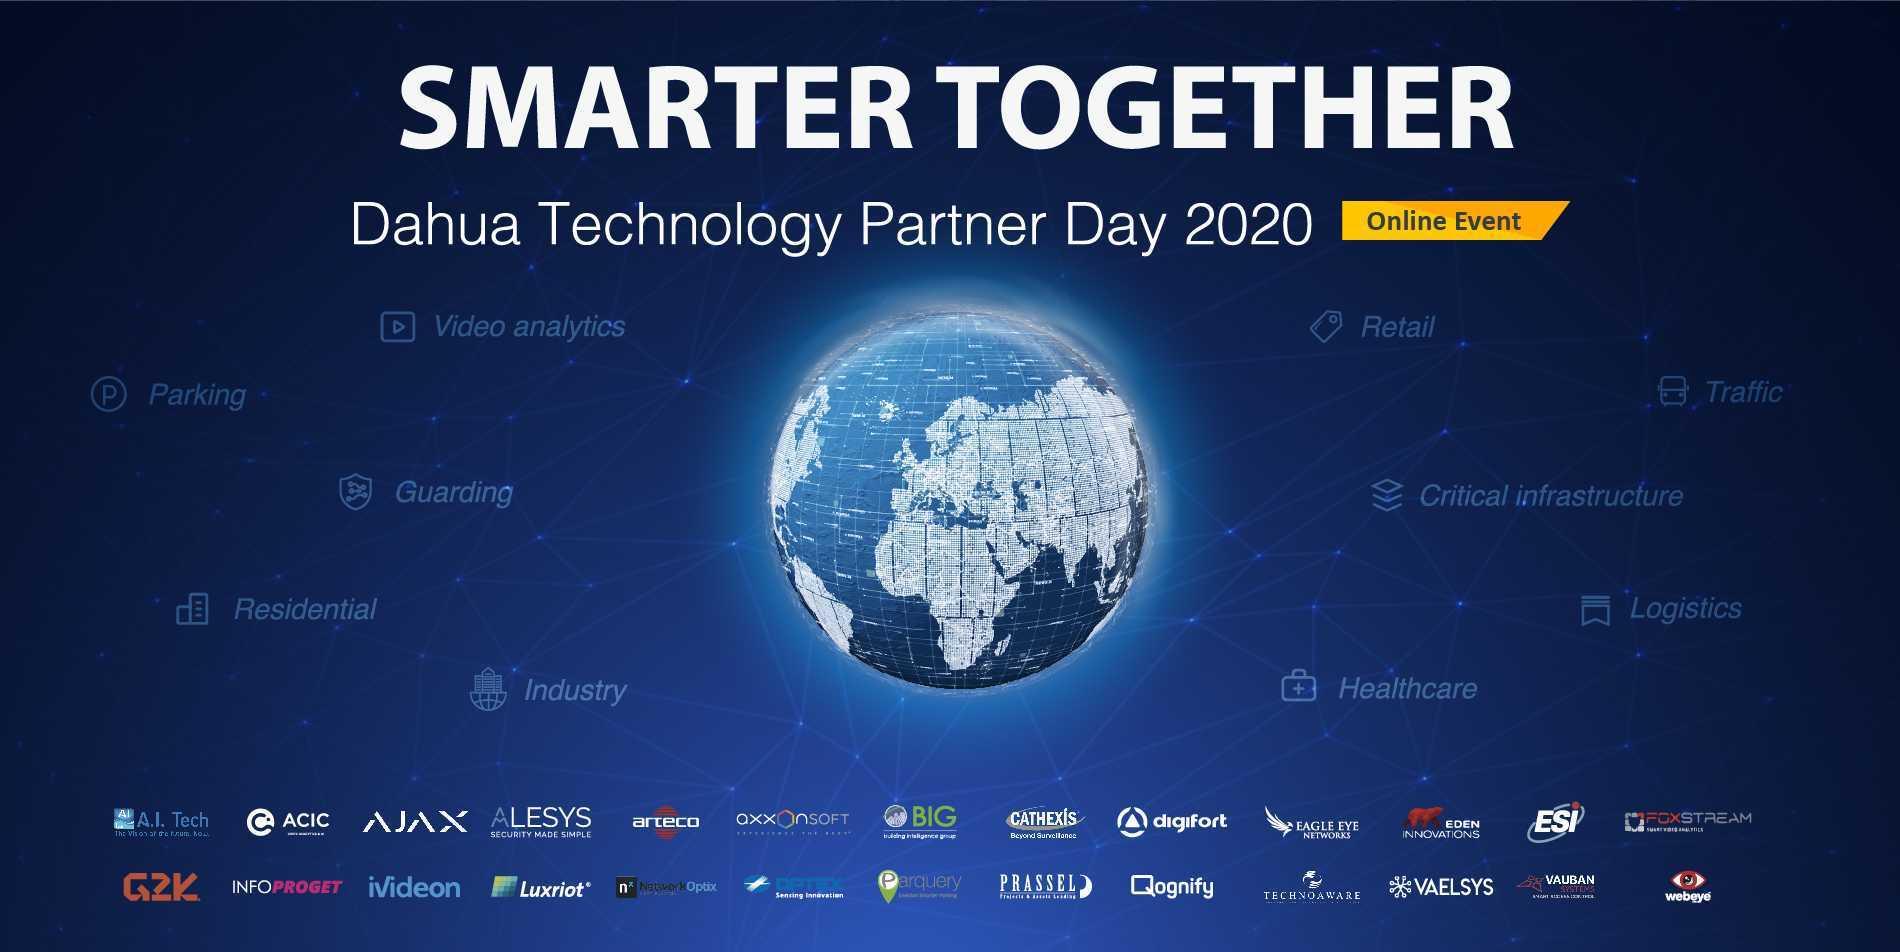 Dahua Technology veranstaltet Online-Partnertag 2020 mit 26 Technologiepartnern